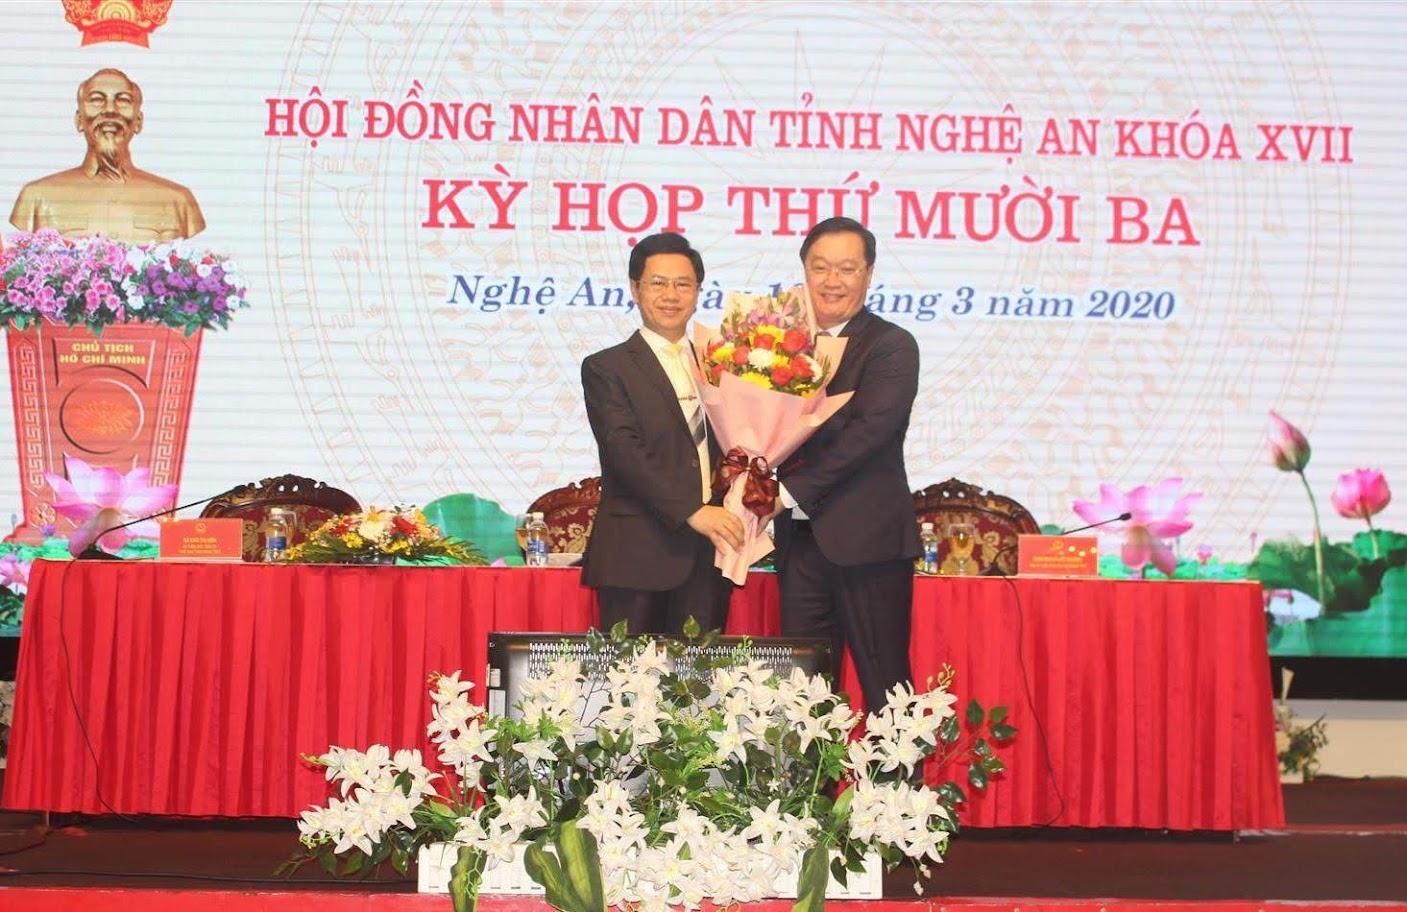 Ông Nguyễn Xuân Sơn, Phó Bí thư Tỉnh ủy, Chủ tịch HĐND tỉnh tặng hoa chúc mừng ông Nguyễn Đức Trung.